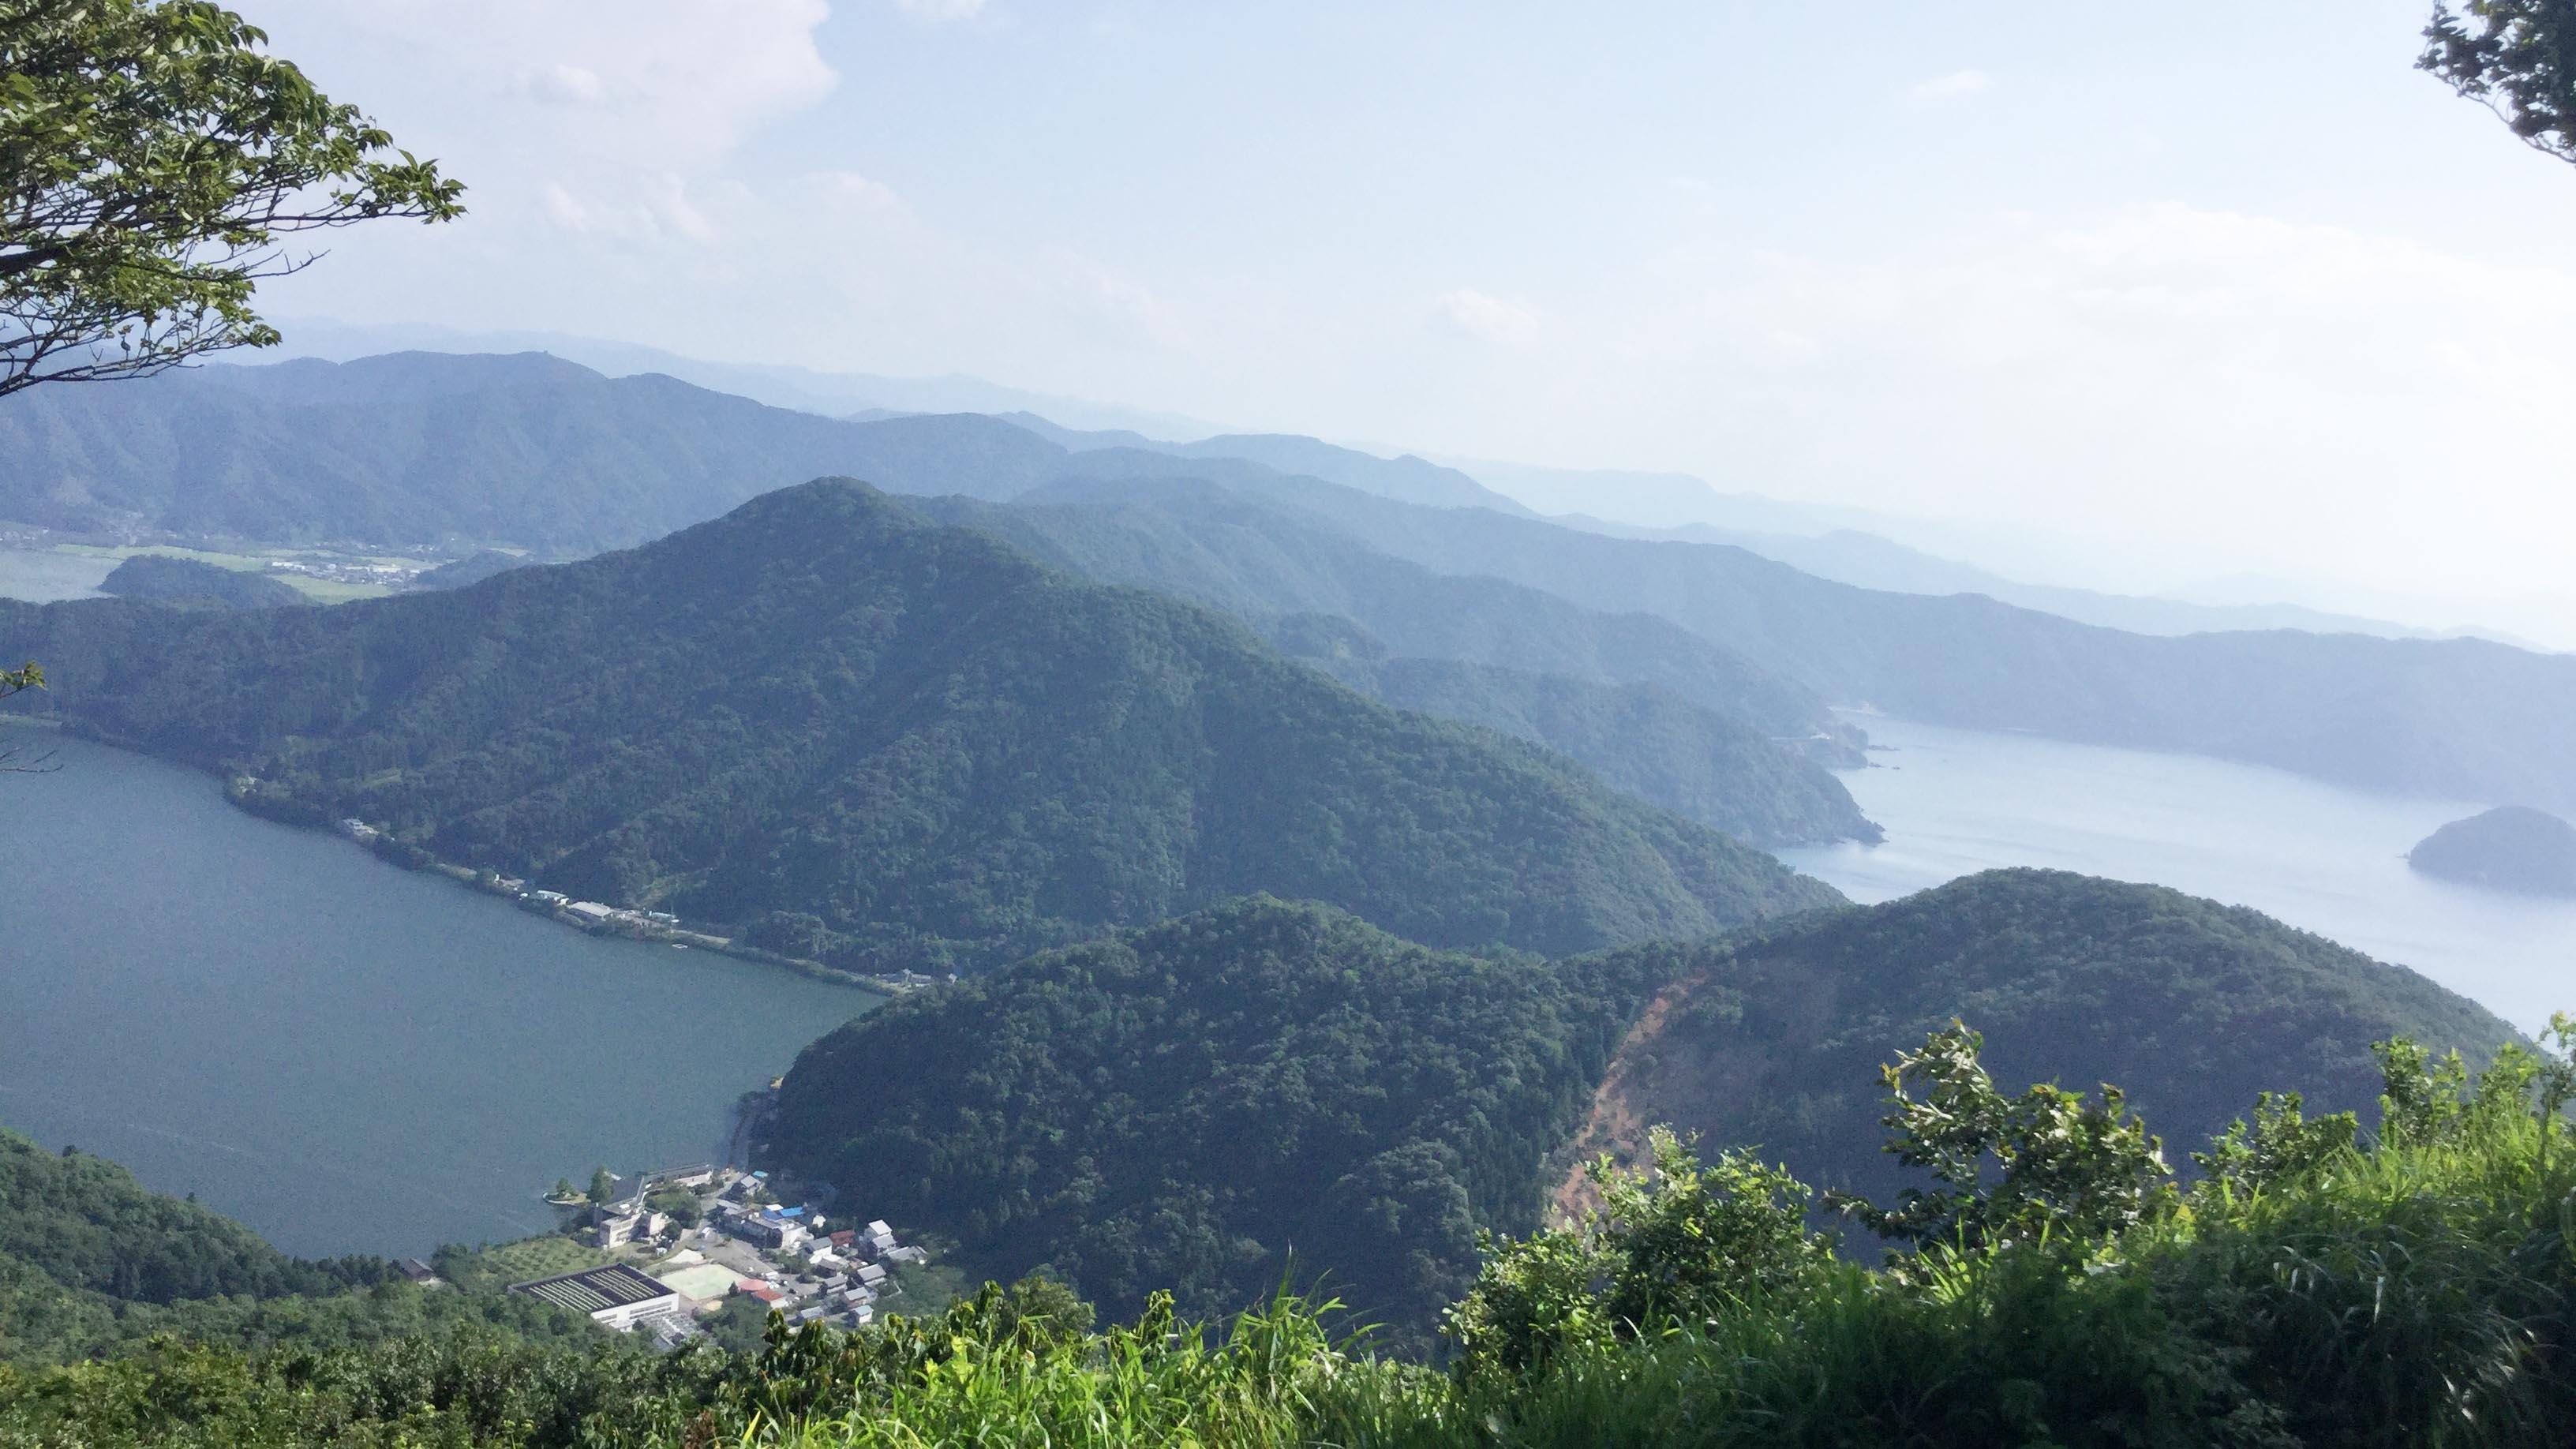 福井 三方五湖とびわ湖の見える丘ツアー催行!